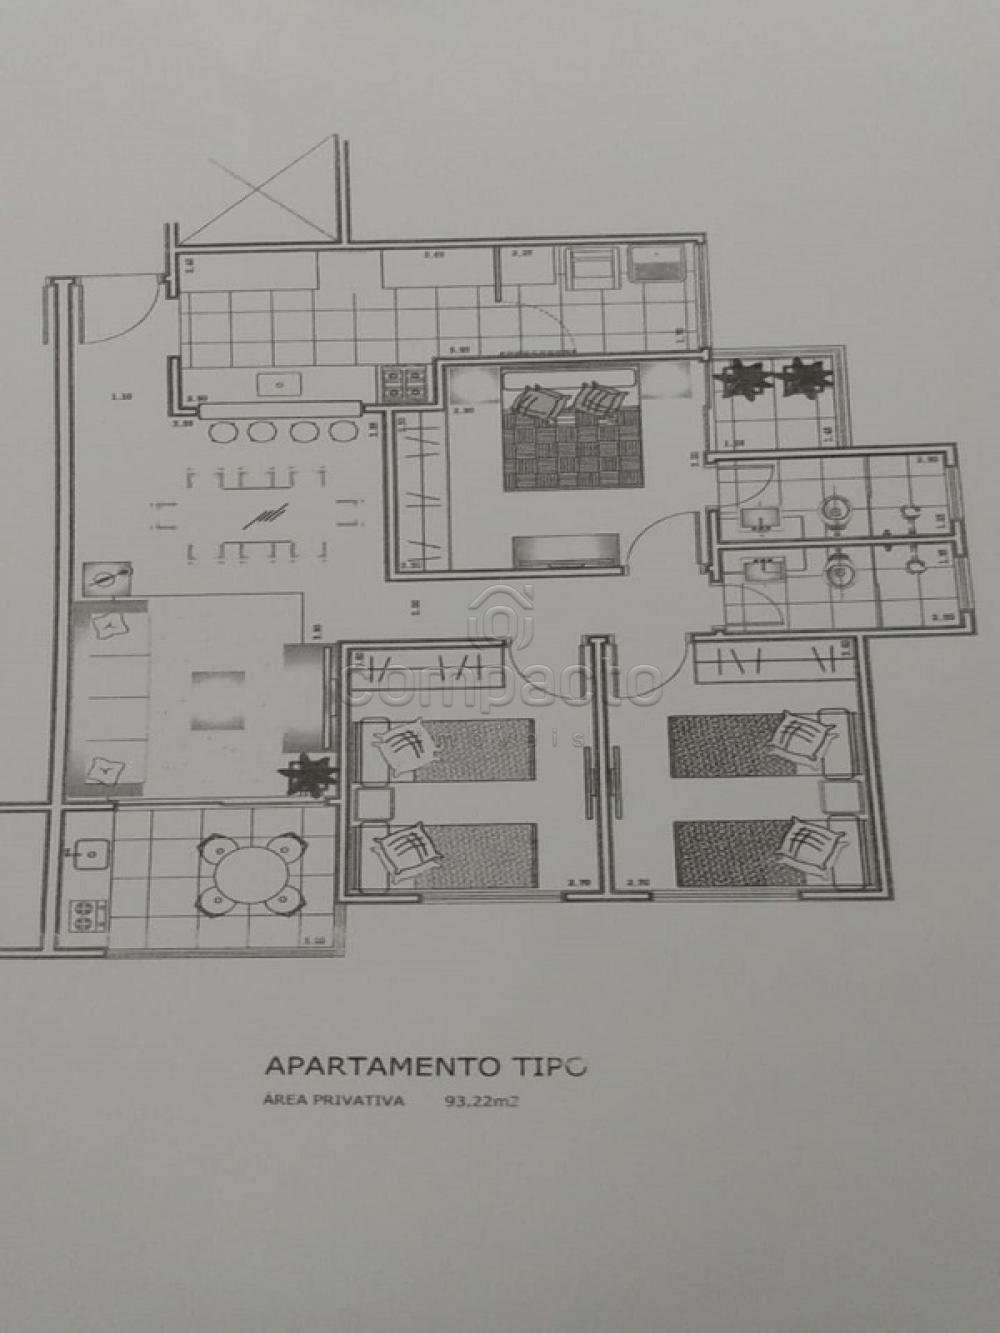 Comprar Apartamento / Padrão em São José do Rio Preto apenas R$ 470.000,00 - Foto 20